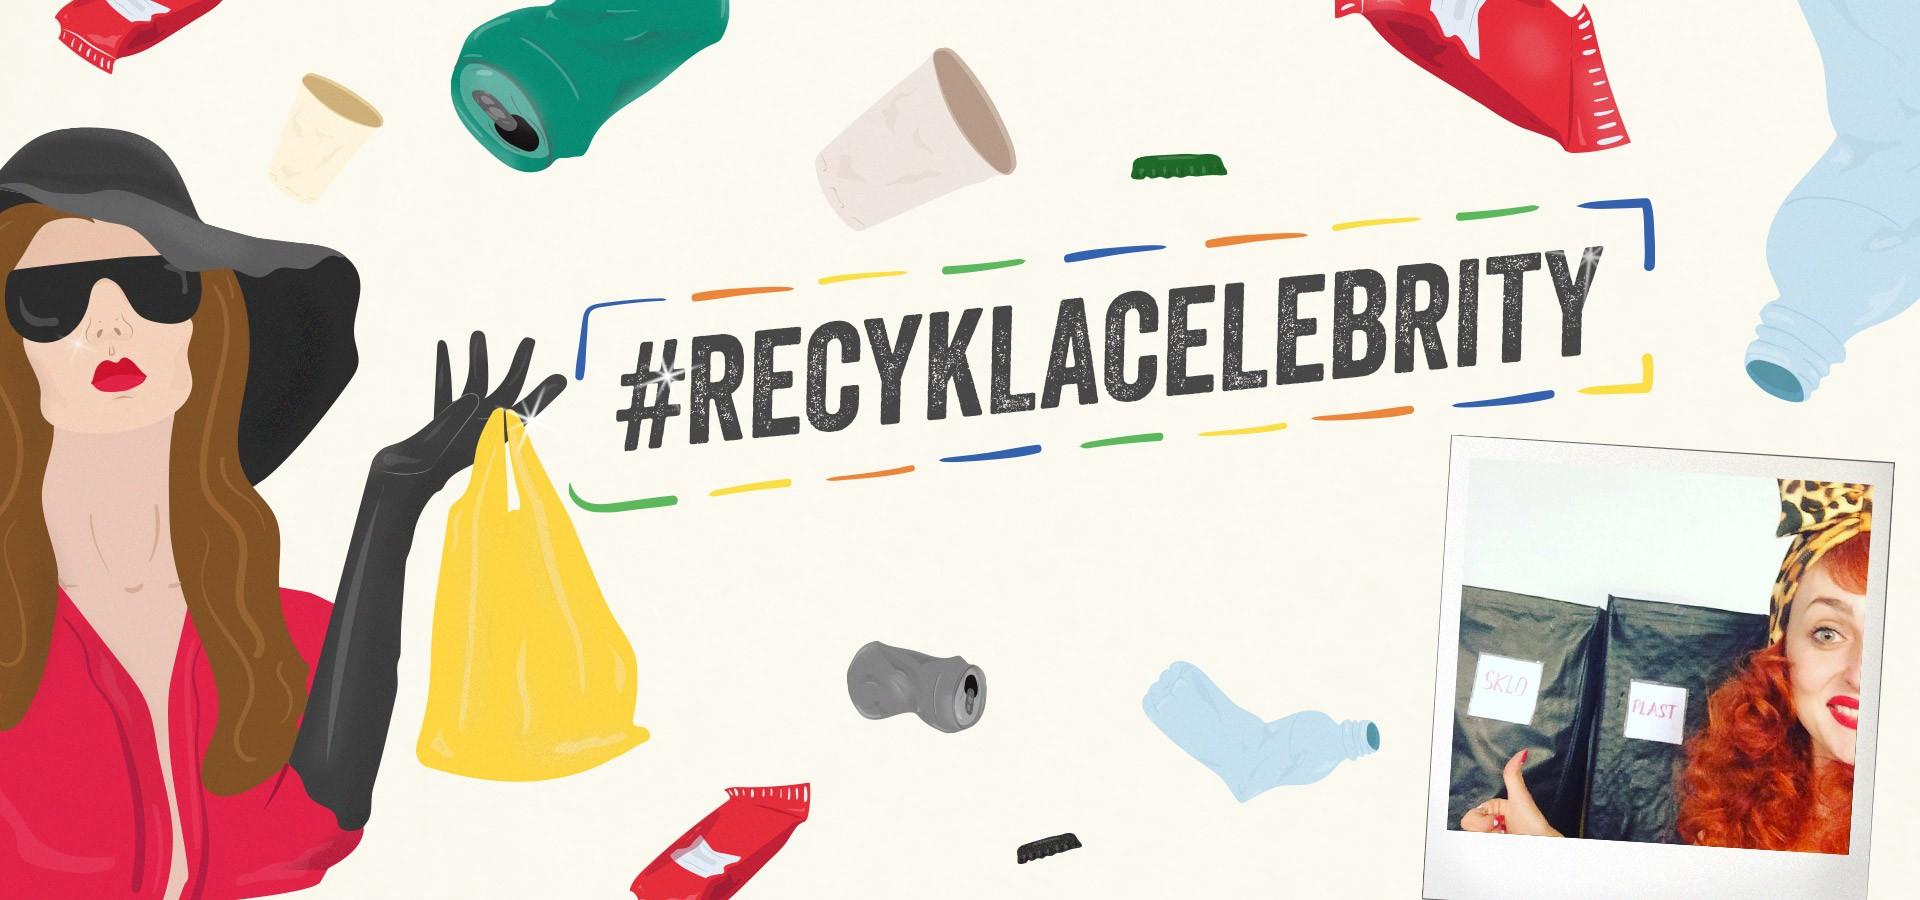 miss_cool_cat_recyklacelebrity_recyklace_samosebou